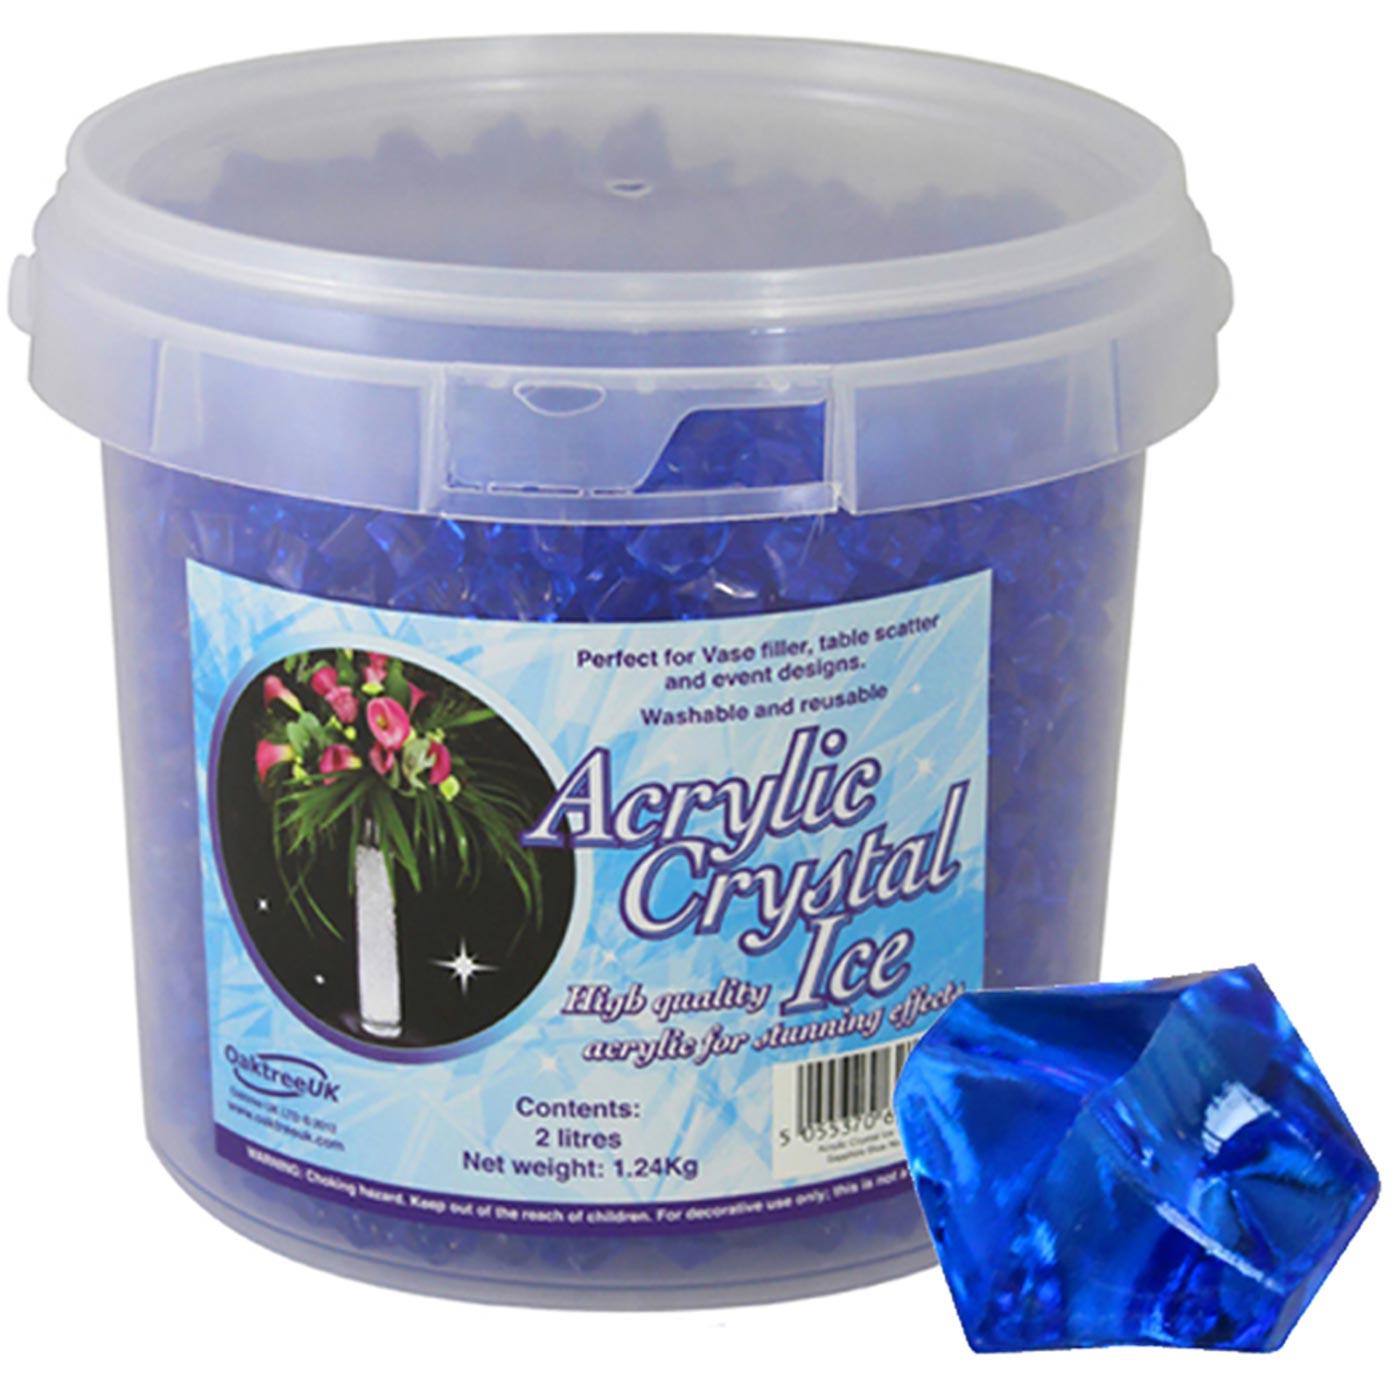 Acrylic Crystal Ice 1.4cm 2ltr 1.24Kg Sapphire Blue